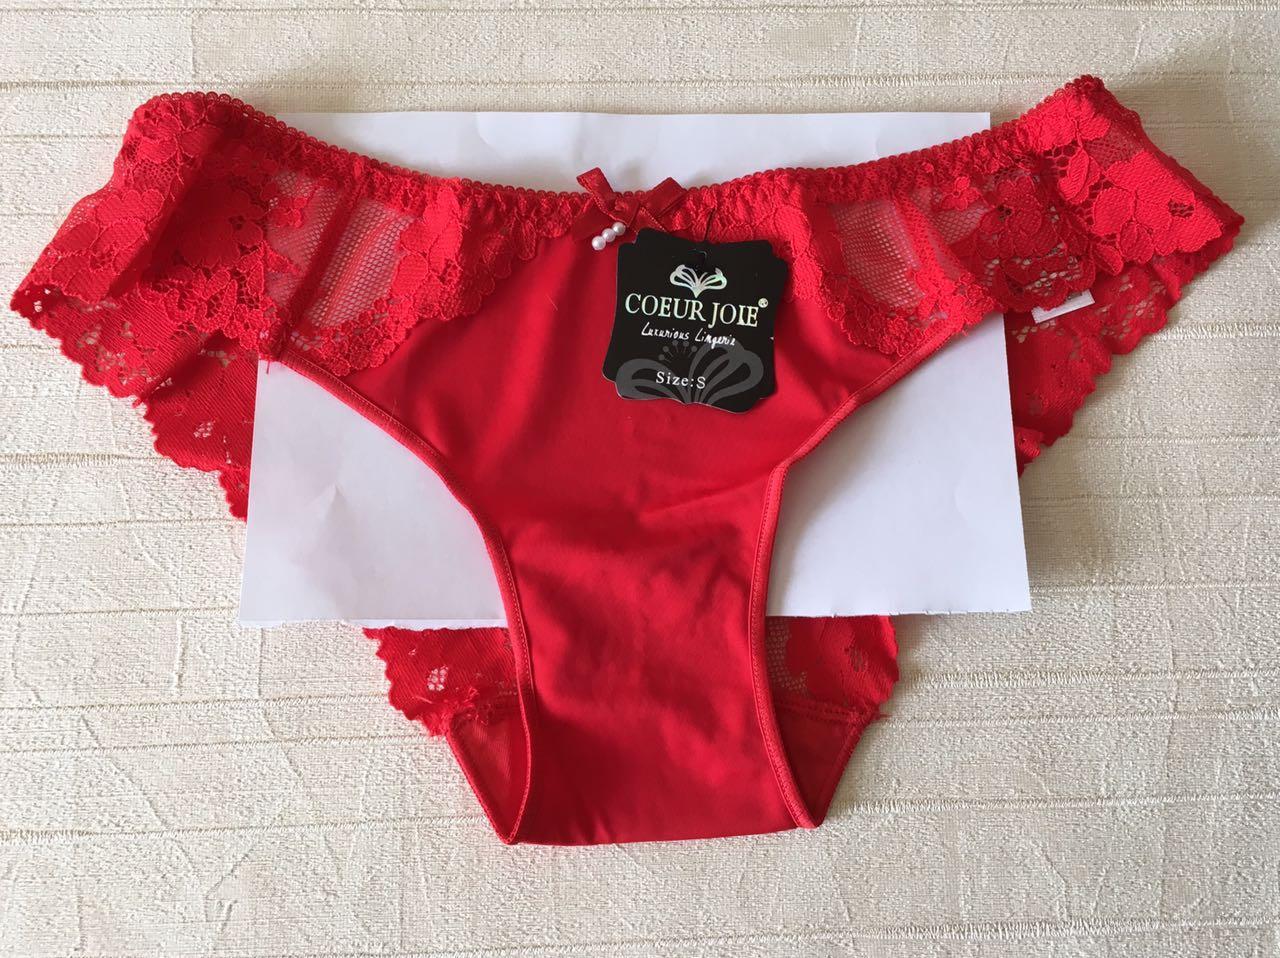 Красивые красные трусики-слип с кружевом, Coeur Joie  9866